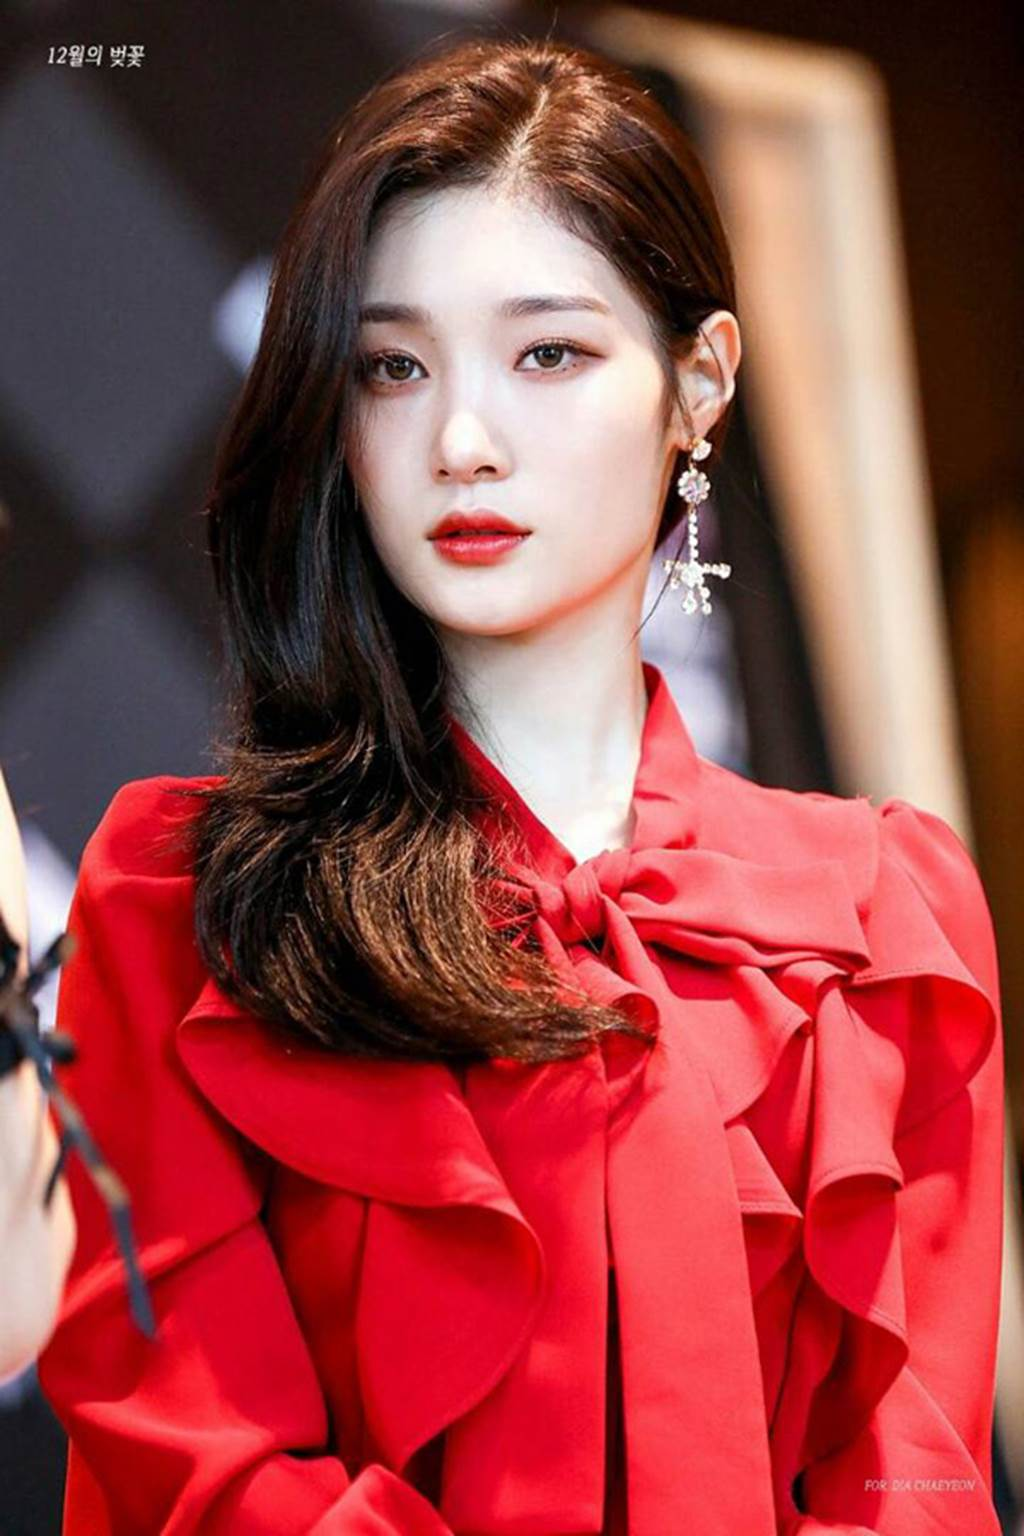 7 siêu phẩm thẩm mỹ Hàn Quốc khiến nhiều đàn ông nghi ngờ phụ nữ đẹp-9